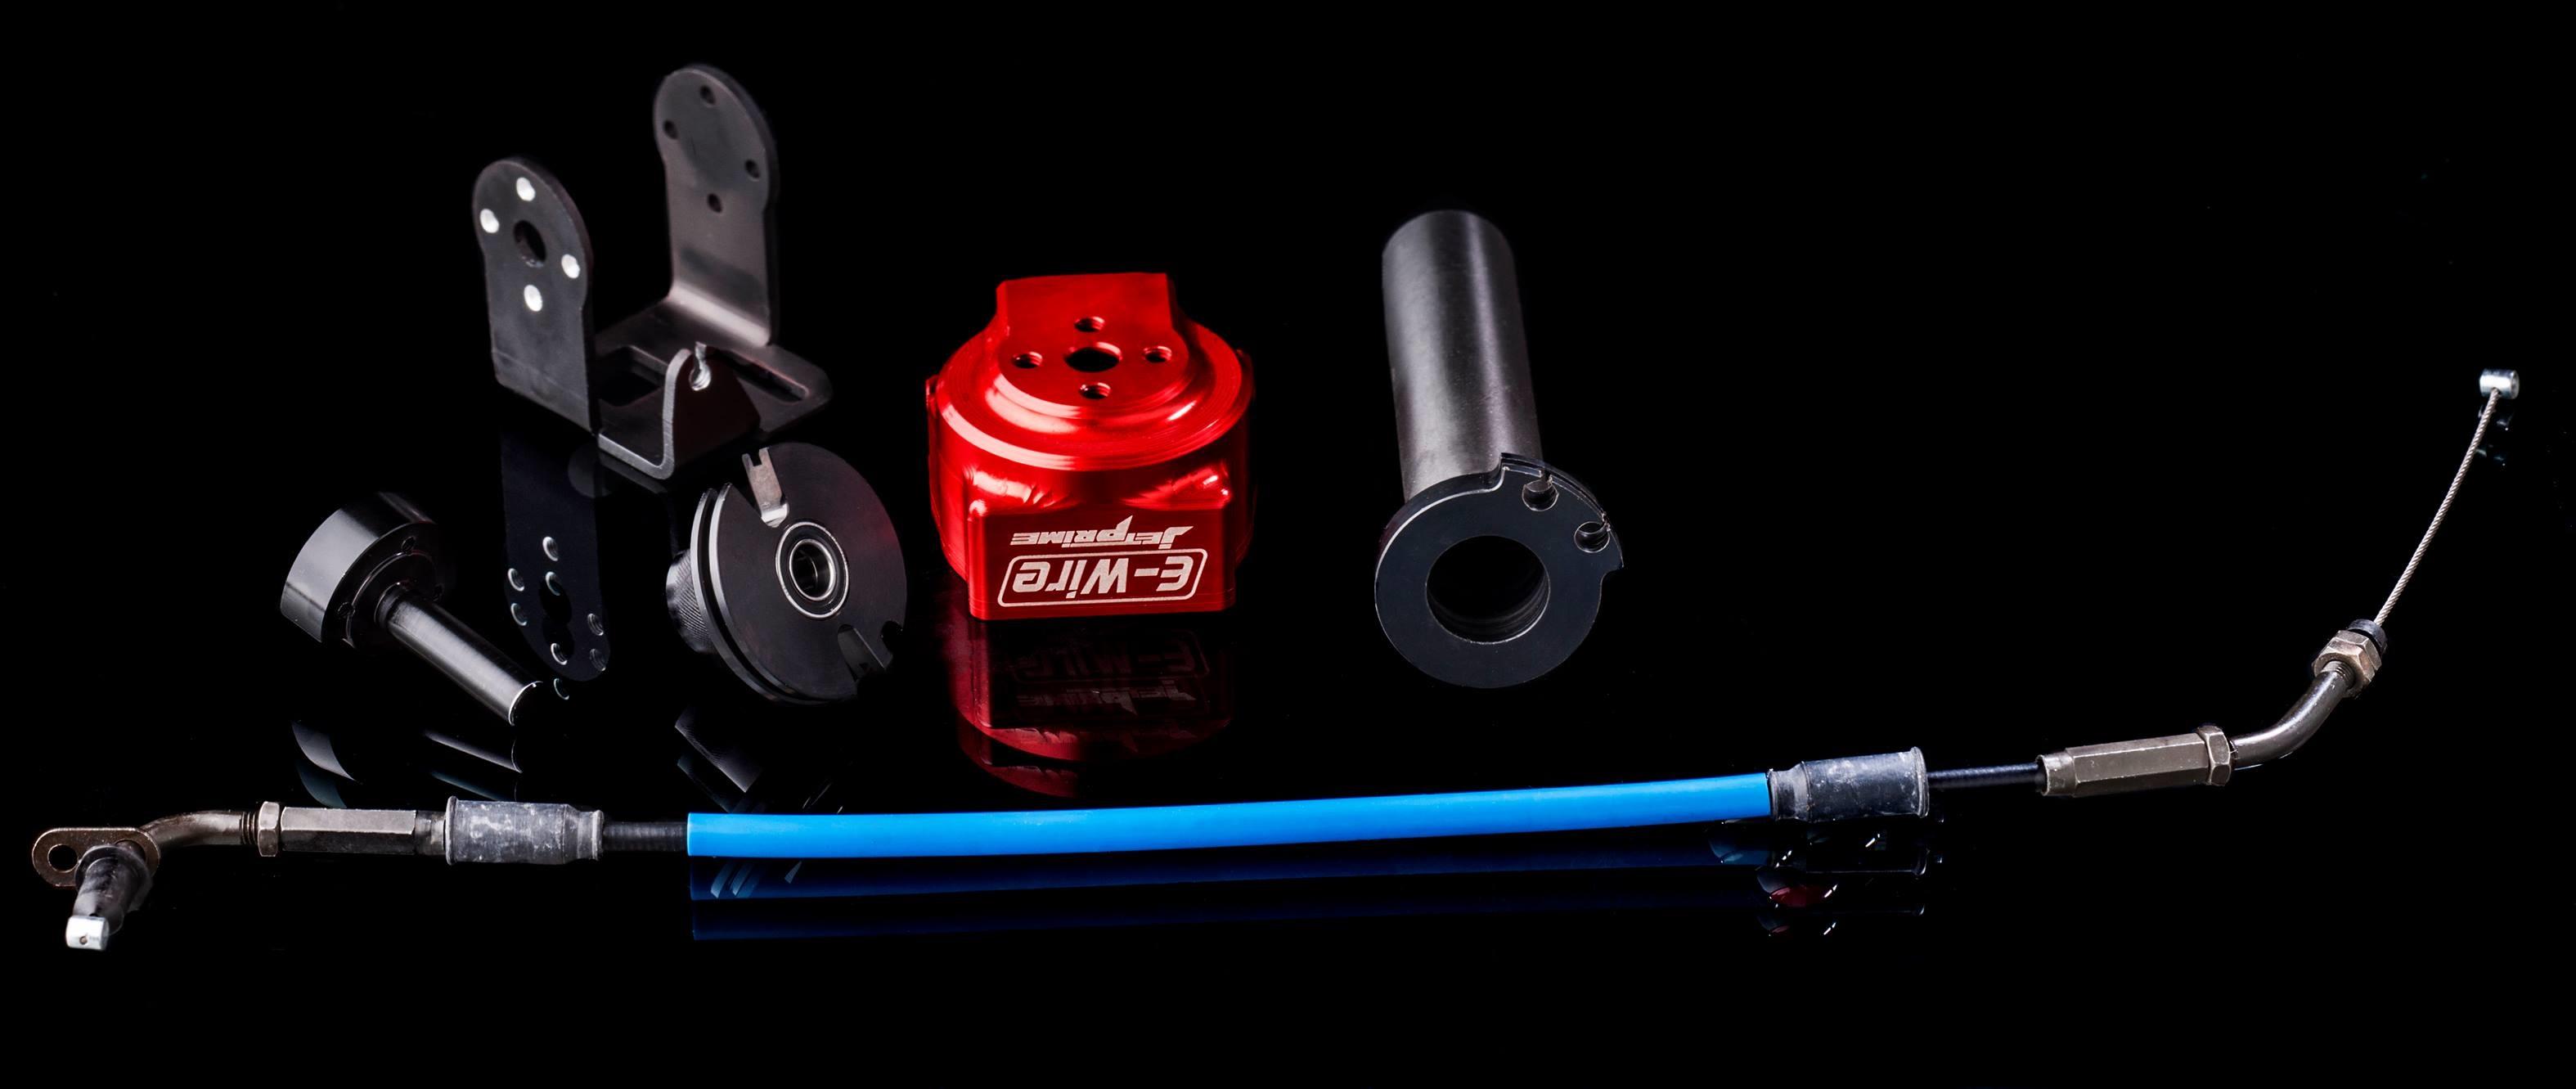 Parts    Ducati    V4    Electrical    Jetprime Ducati V4